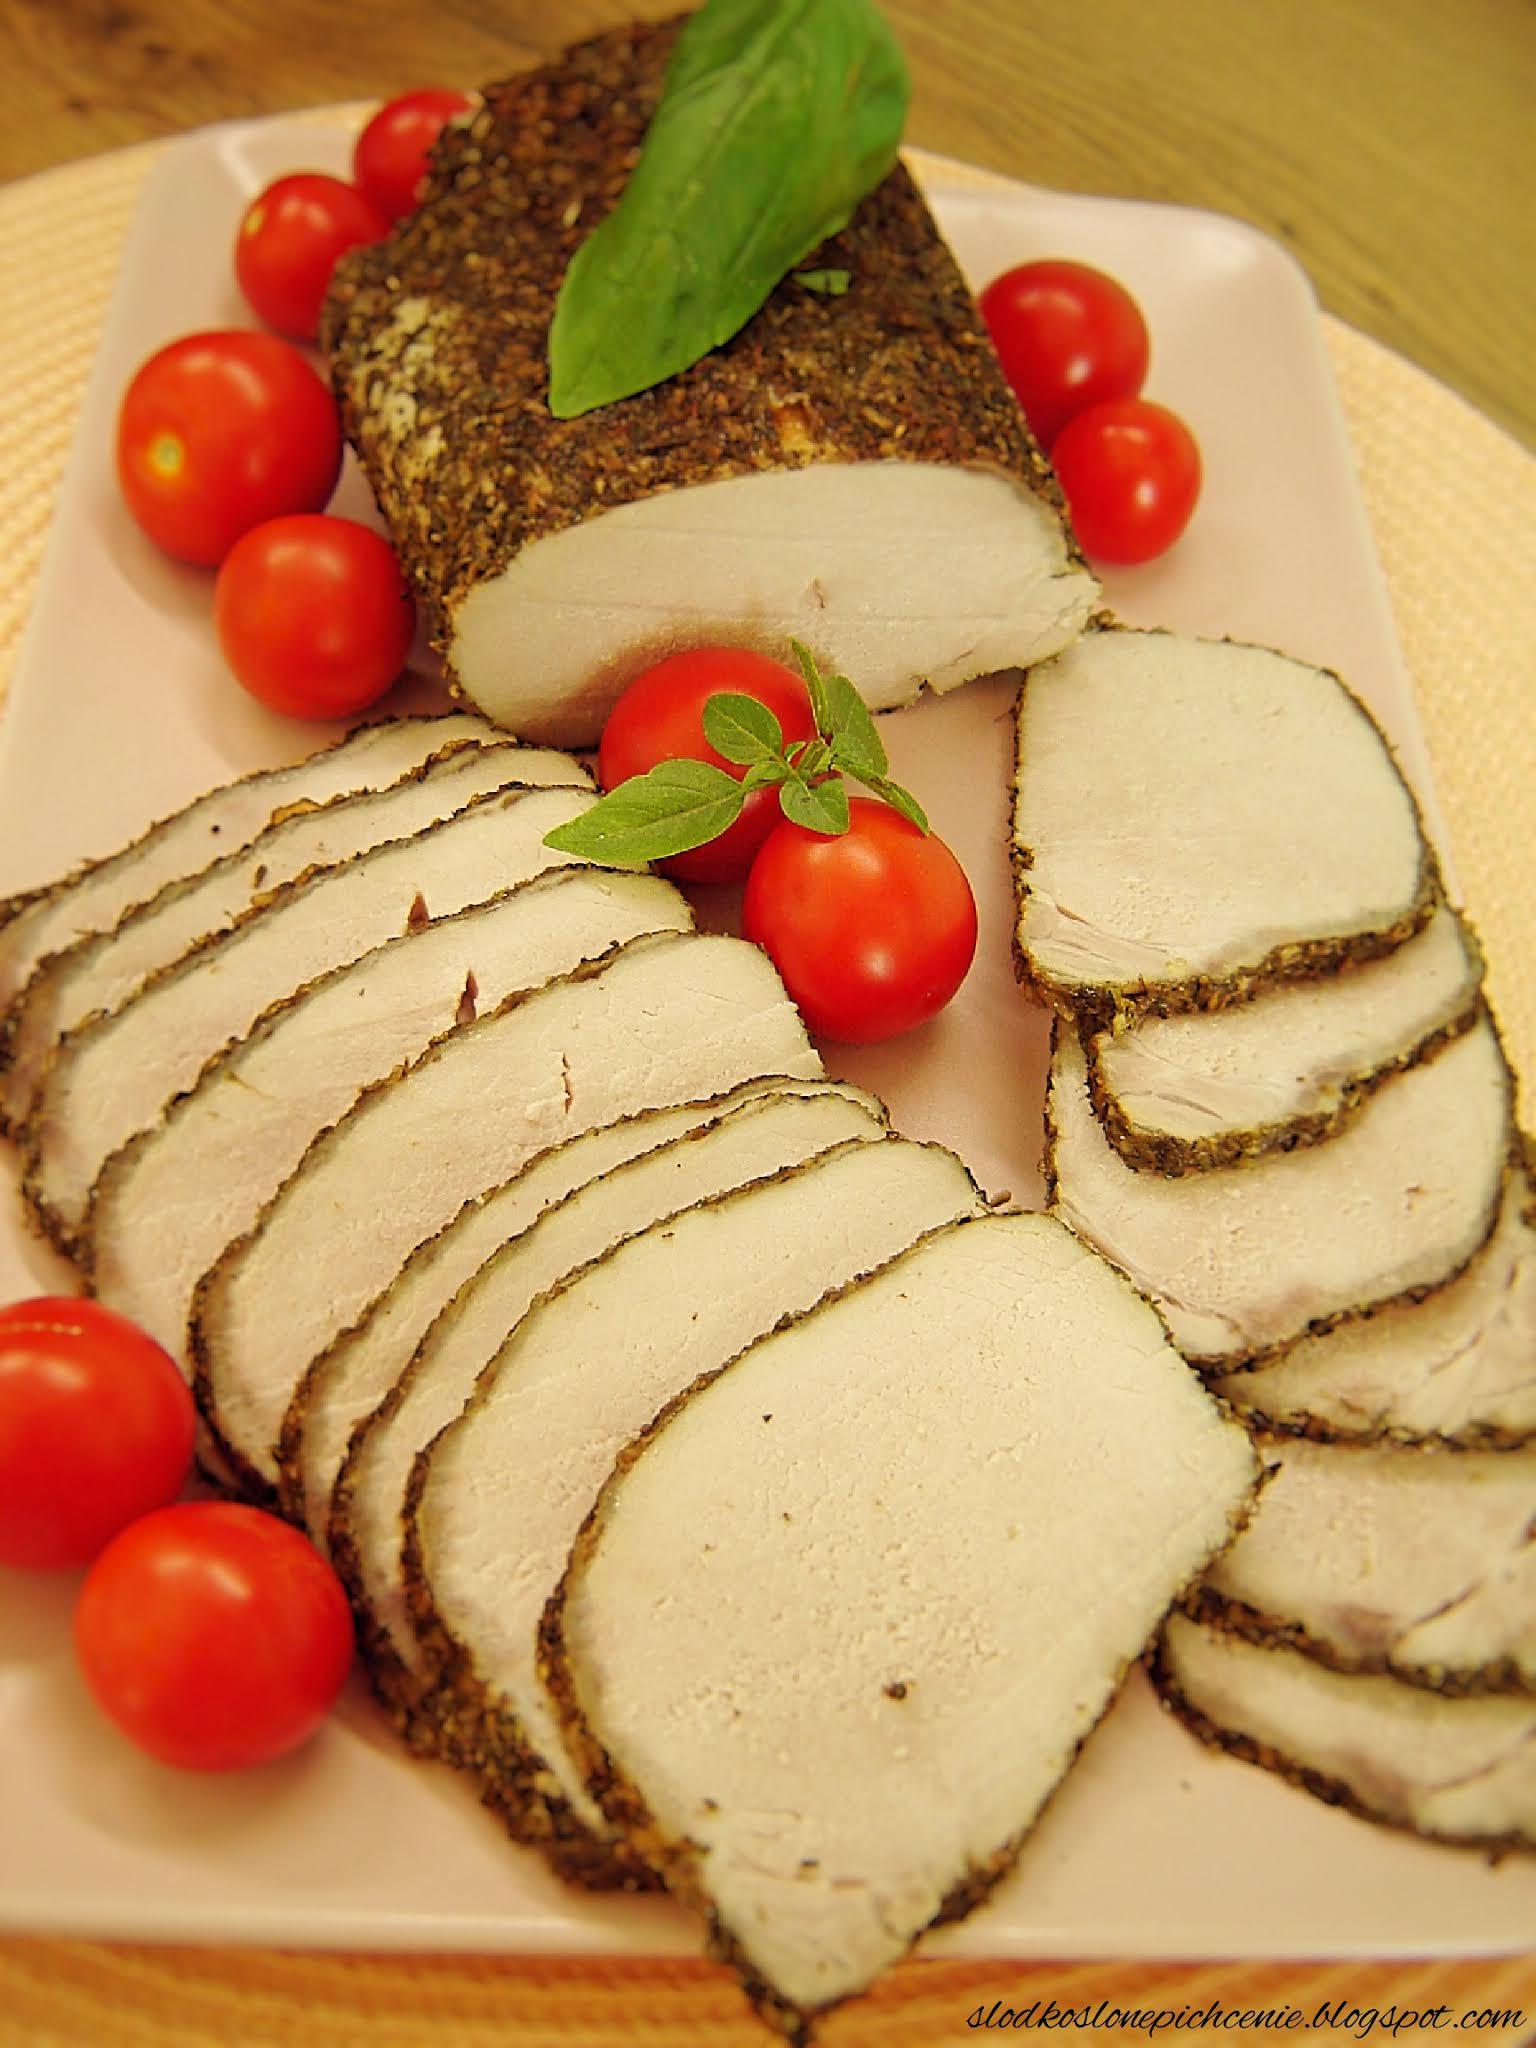 Schab pieczony na kanapki